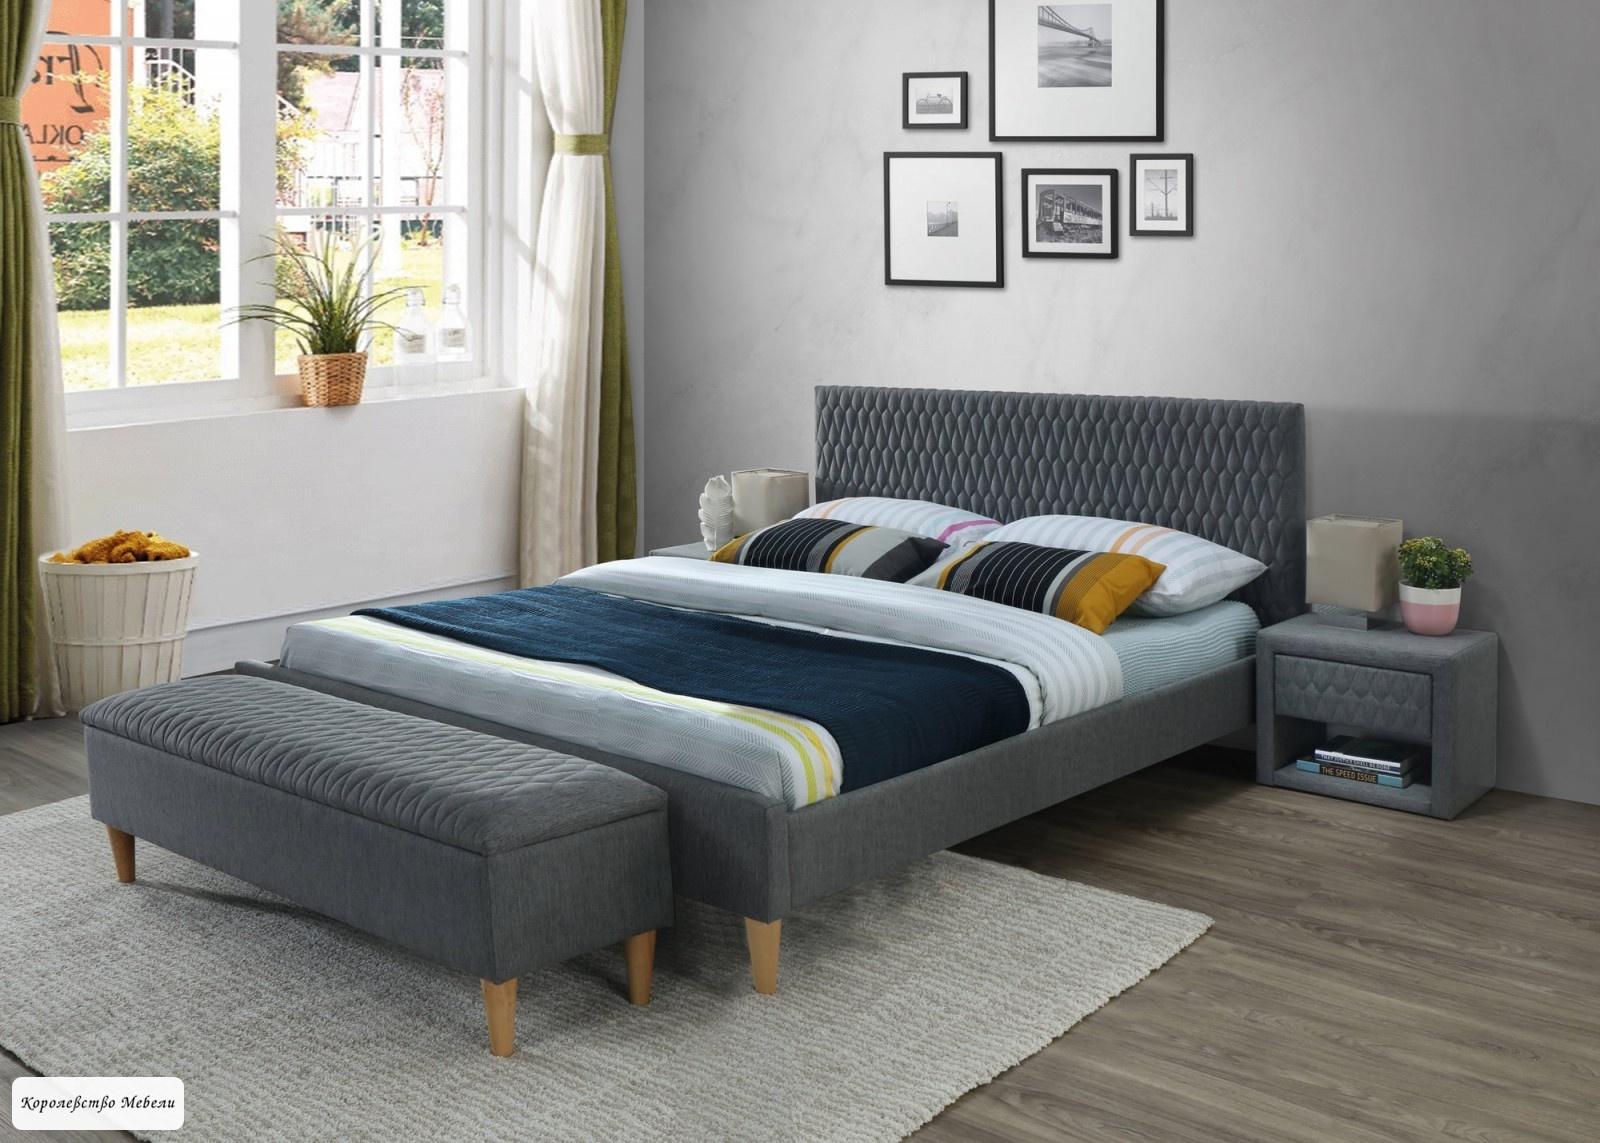 Кровать AZURRO (серый) (160*200), с основанием